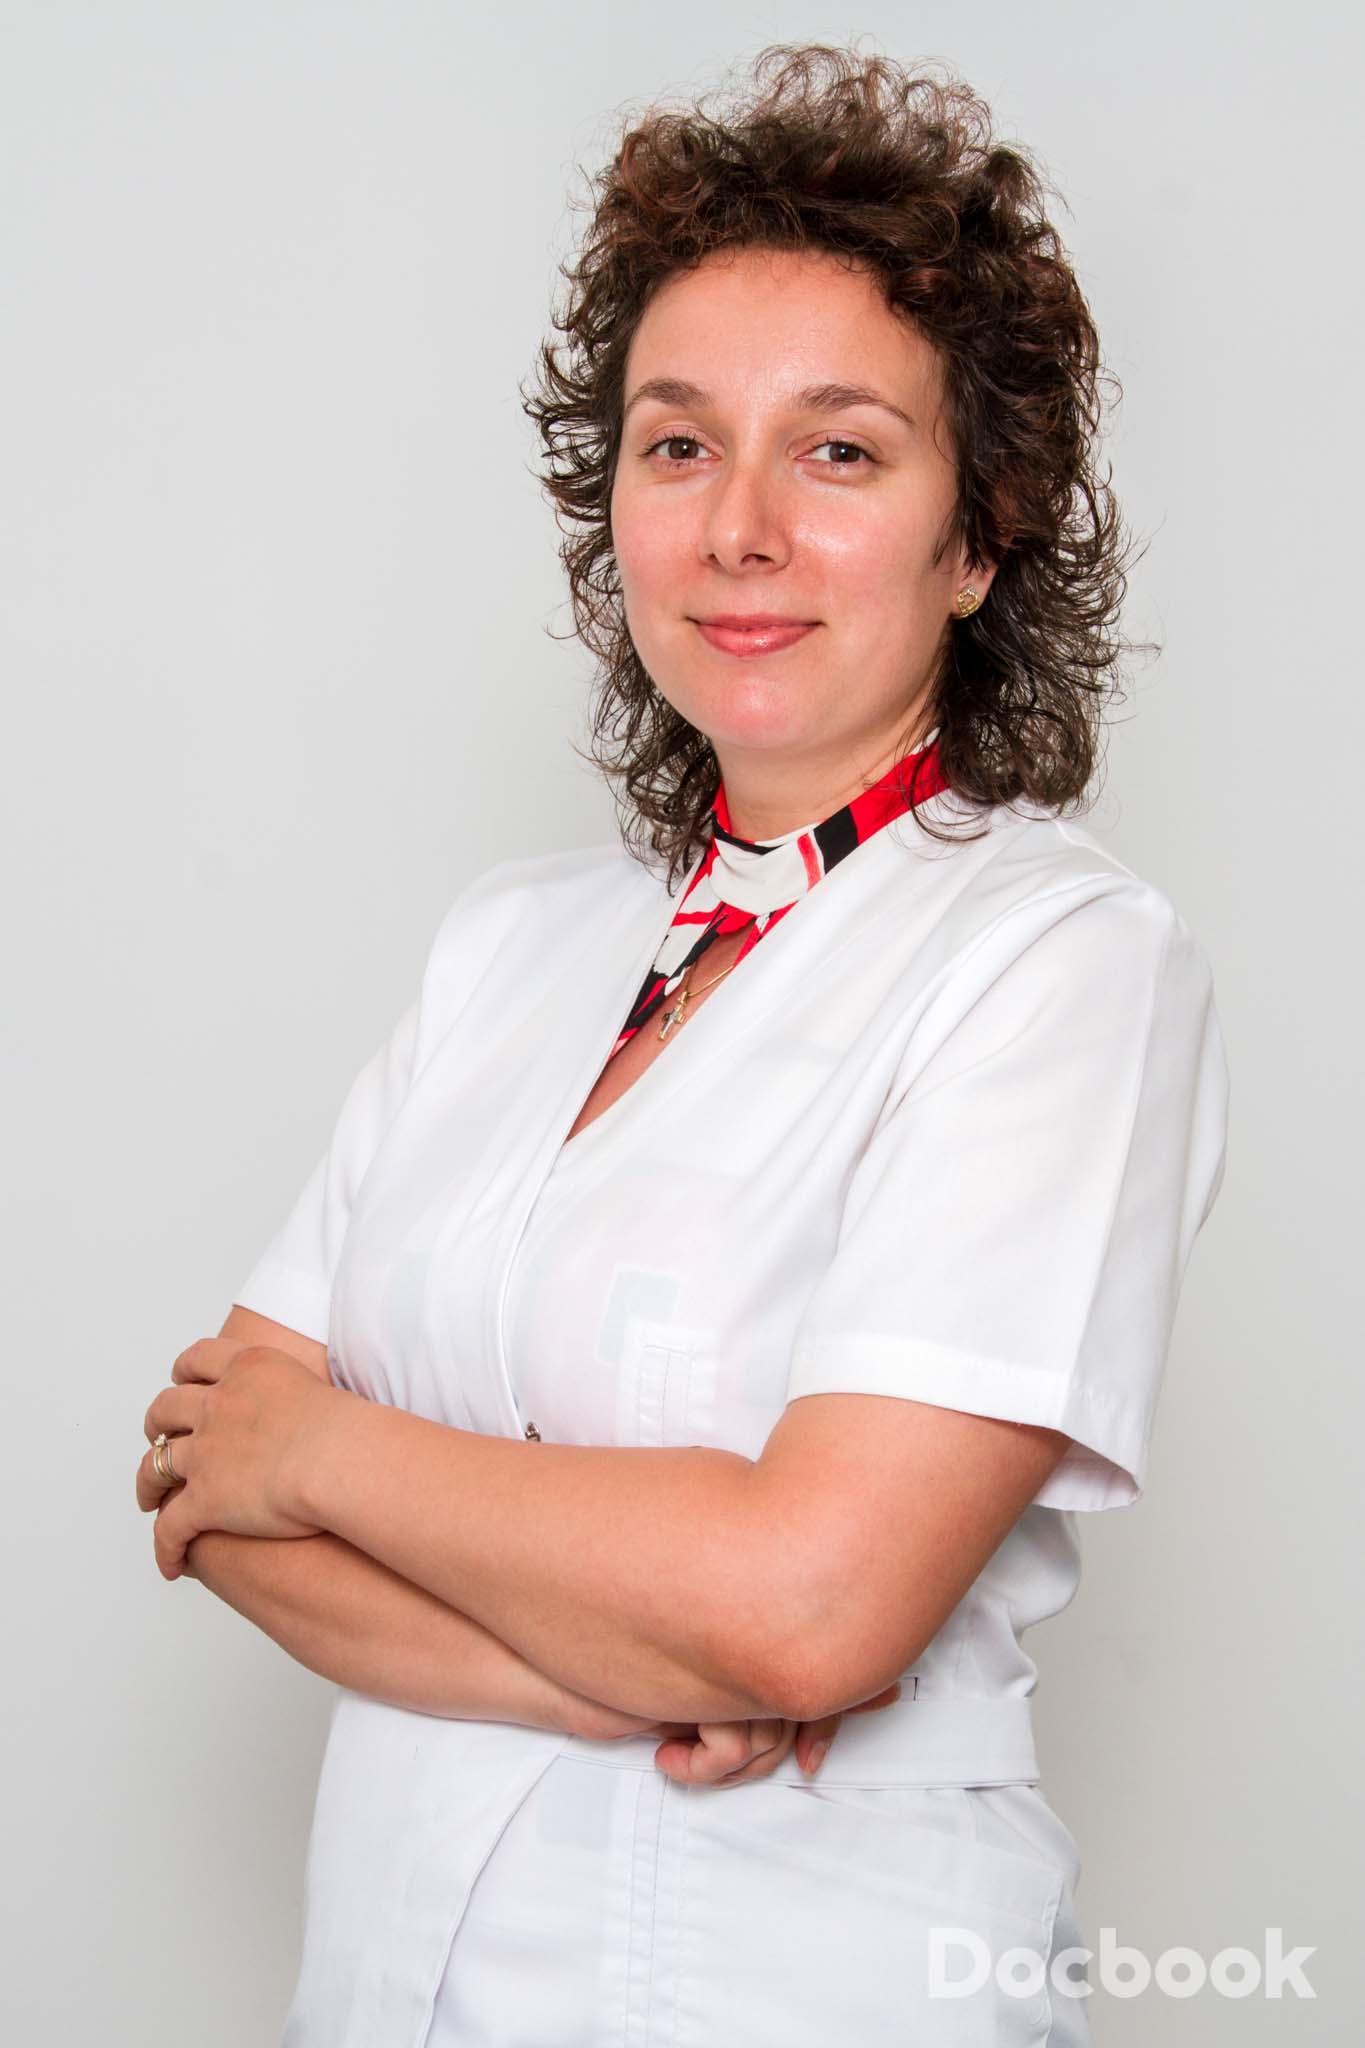 Dr. Oana-Sorana Toma